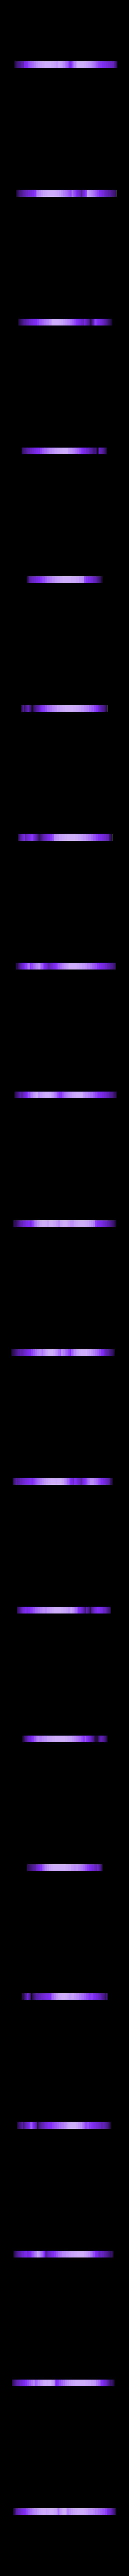 TunicaAlbuginea.stl Télécharger fichier STL Puzzle de la section tranchée du clitoris • Plan pour impression 3D, 3D_Maniac